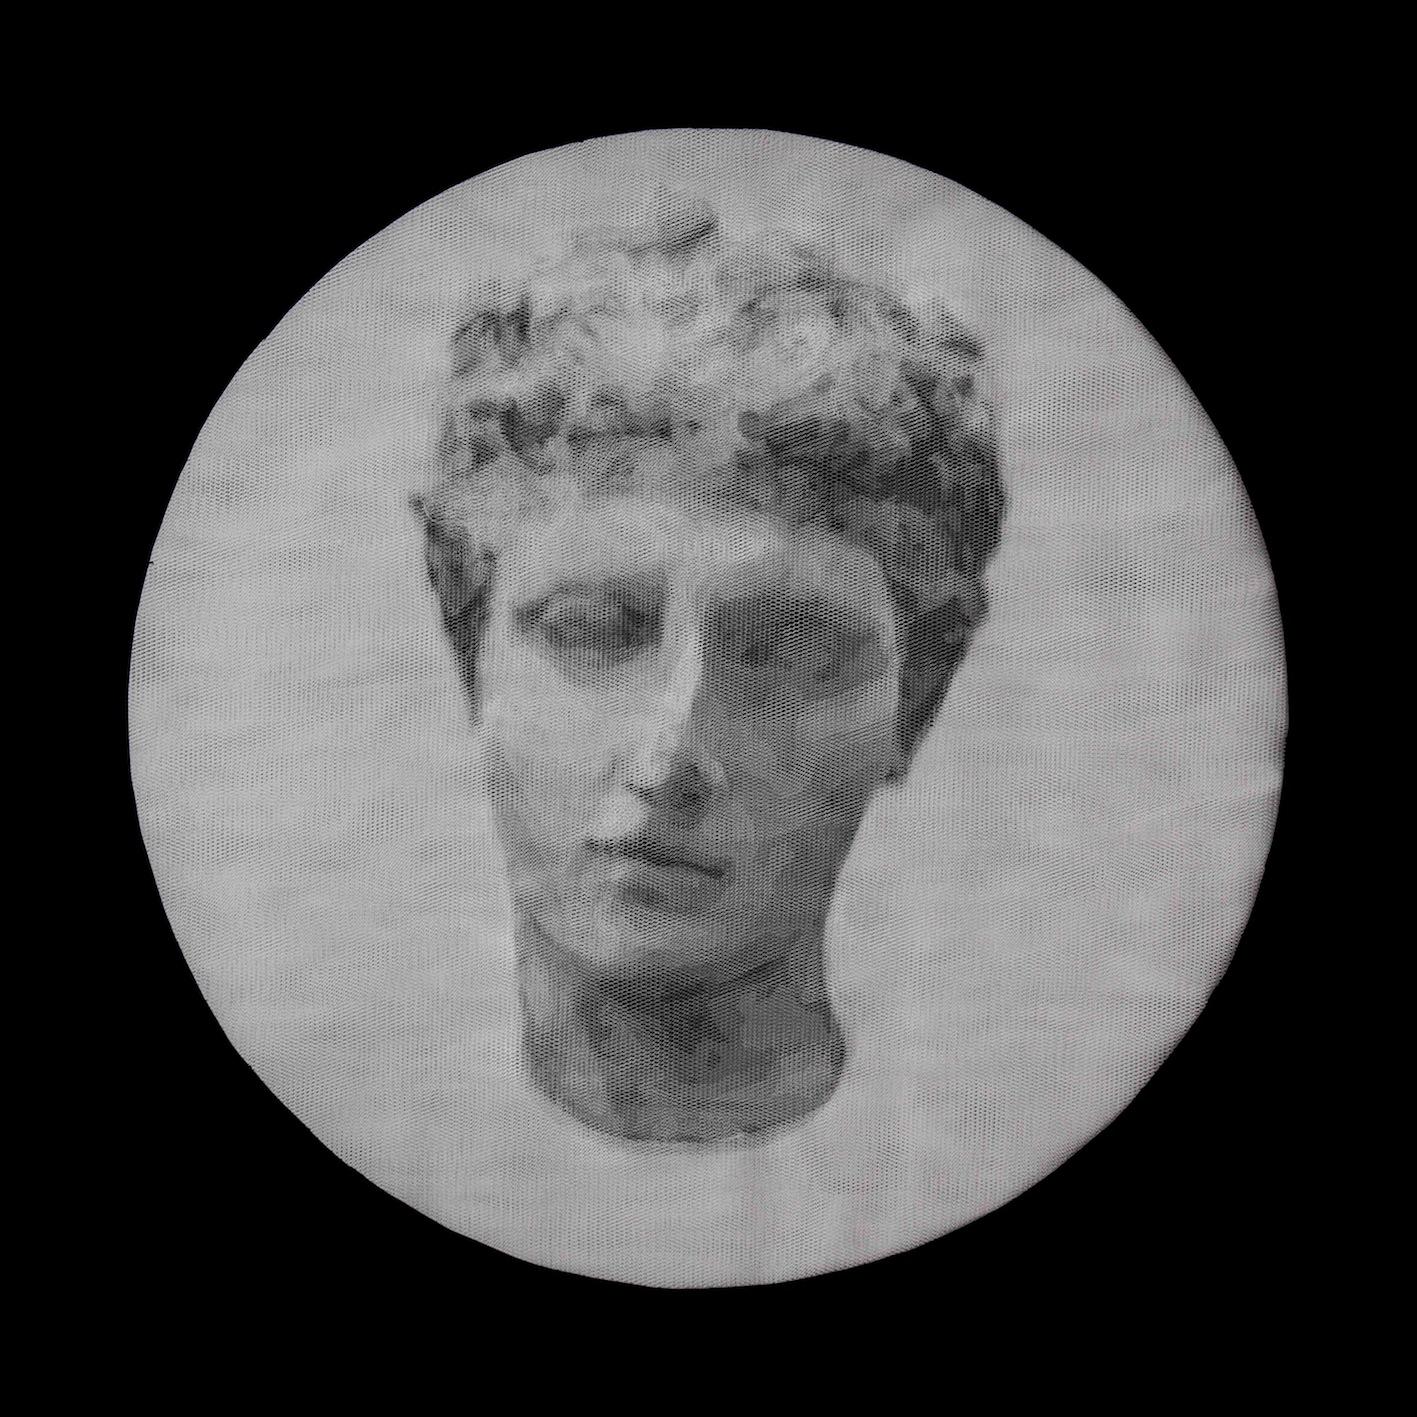 Giorgio Tentolini, Pagan Poetry, 2013, 16 strati di tulle bianco intagliati a mano, 58x42 cm